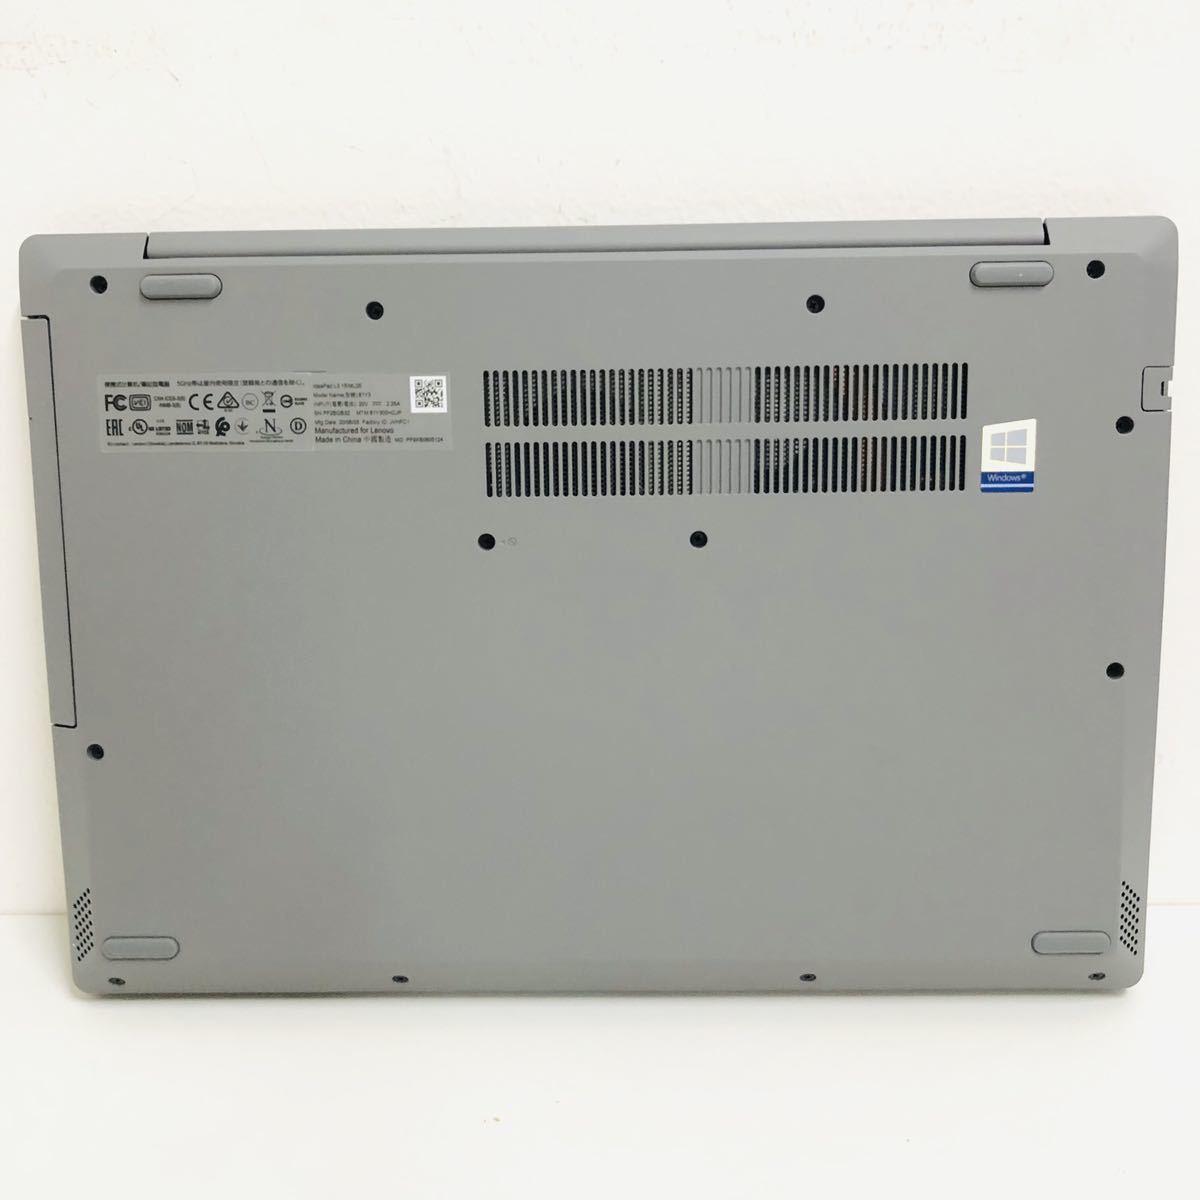 新品同様 美品 Lenovo IdeaPad L350 15.6 81Y300HCJP Core i7-10510U 1.8Ghz 8GB HDD 1TB Windows10 Home 保証あり 延長保証付 i4165_画像2